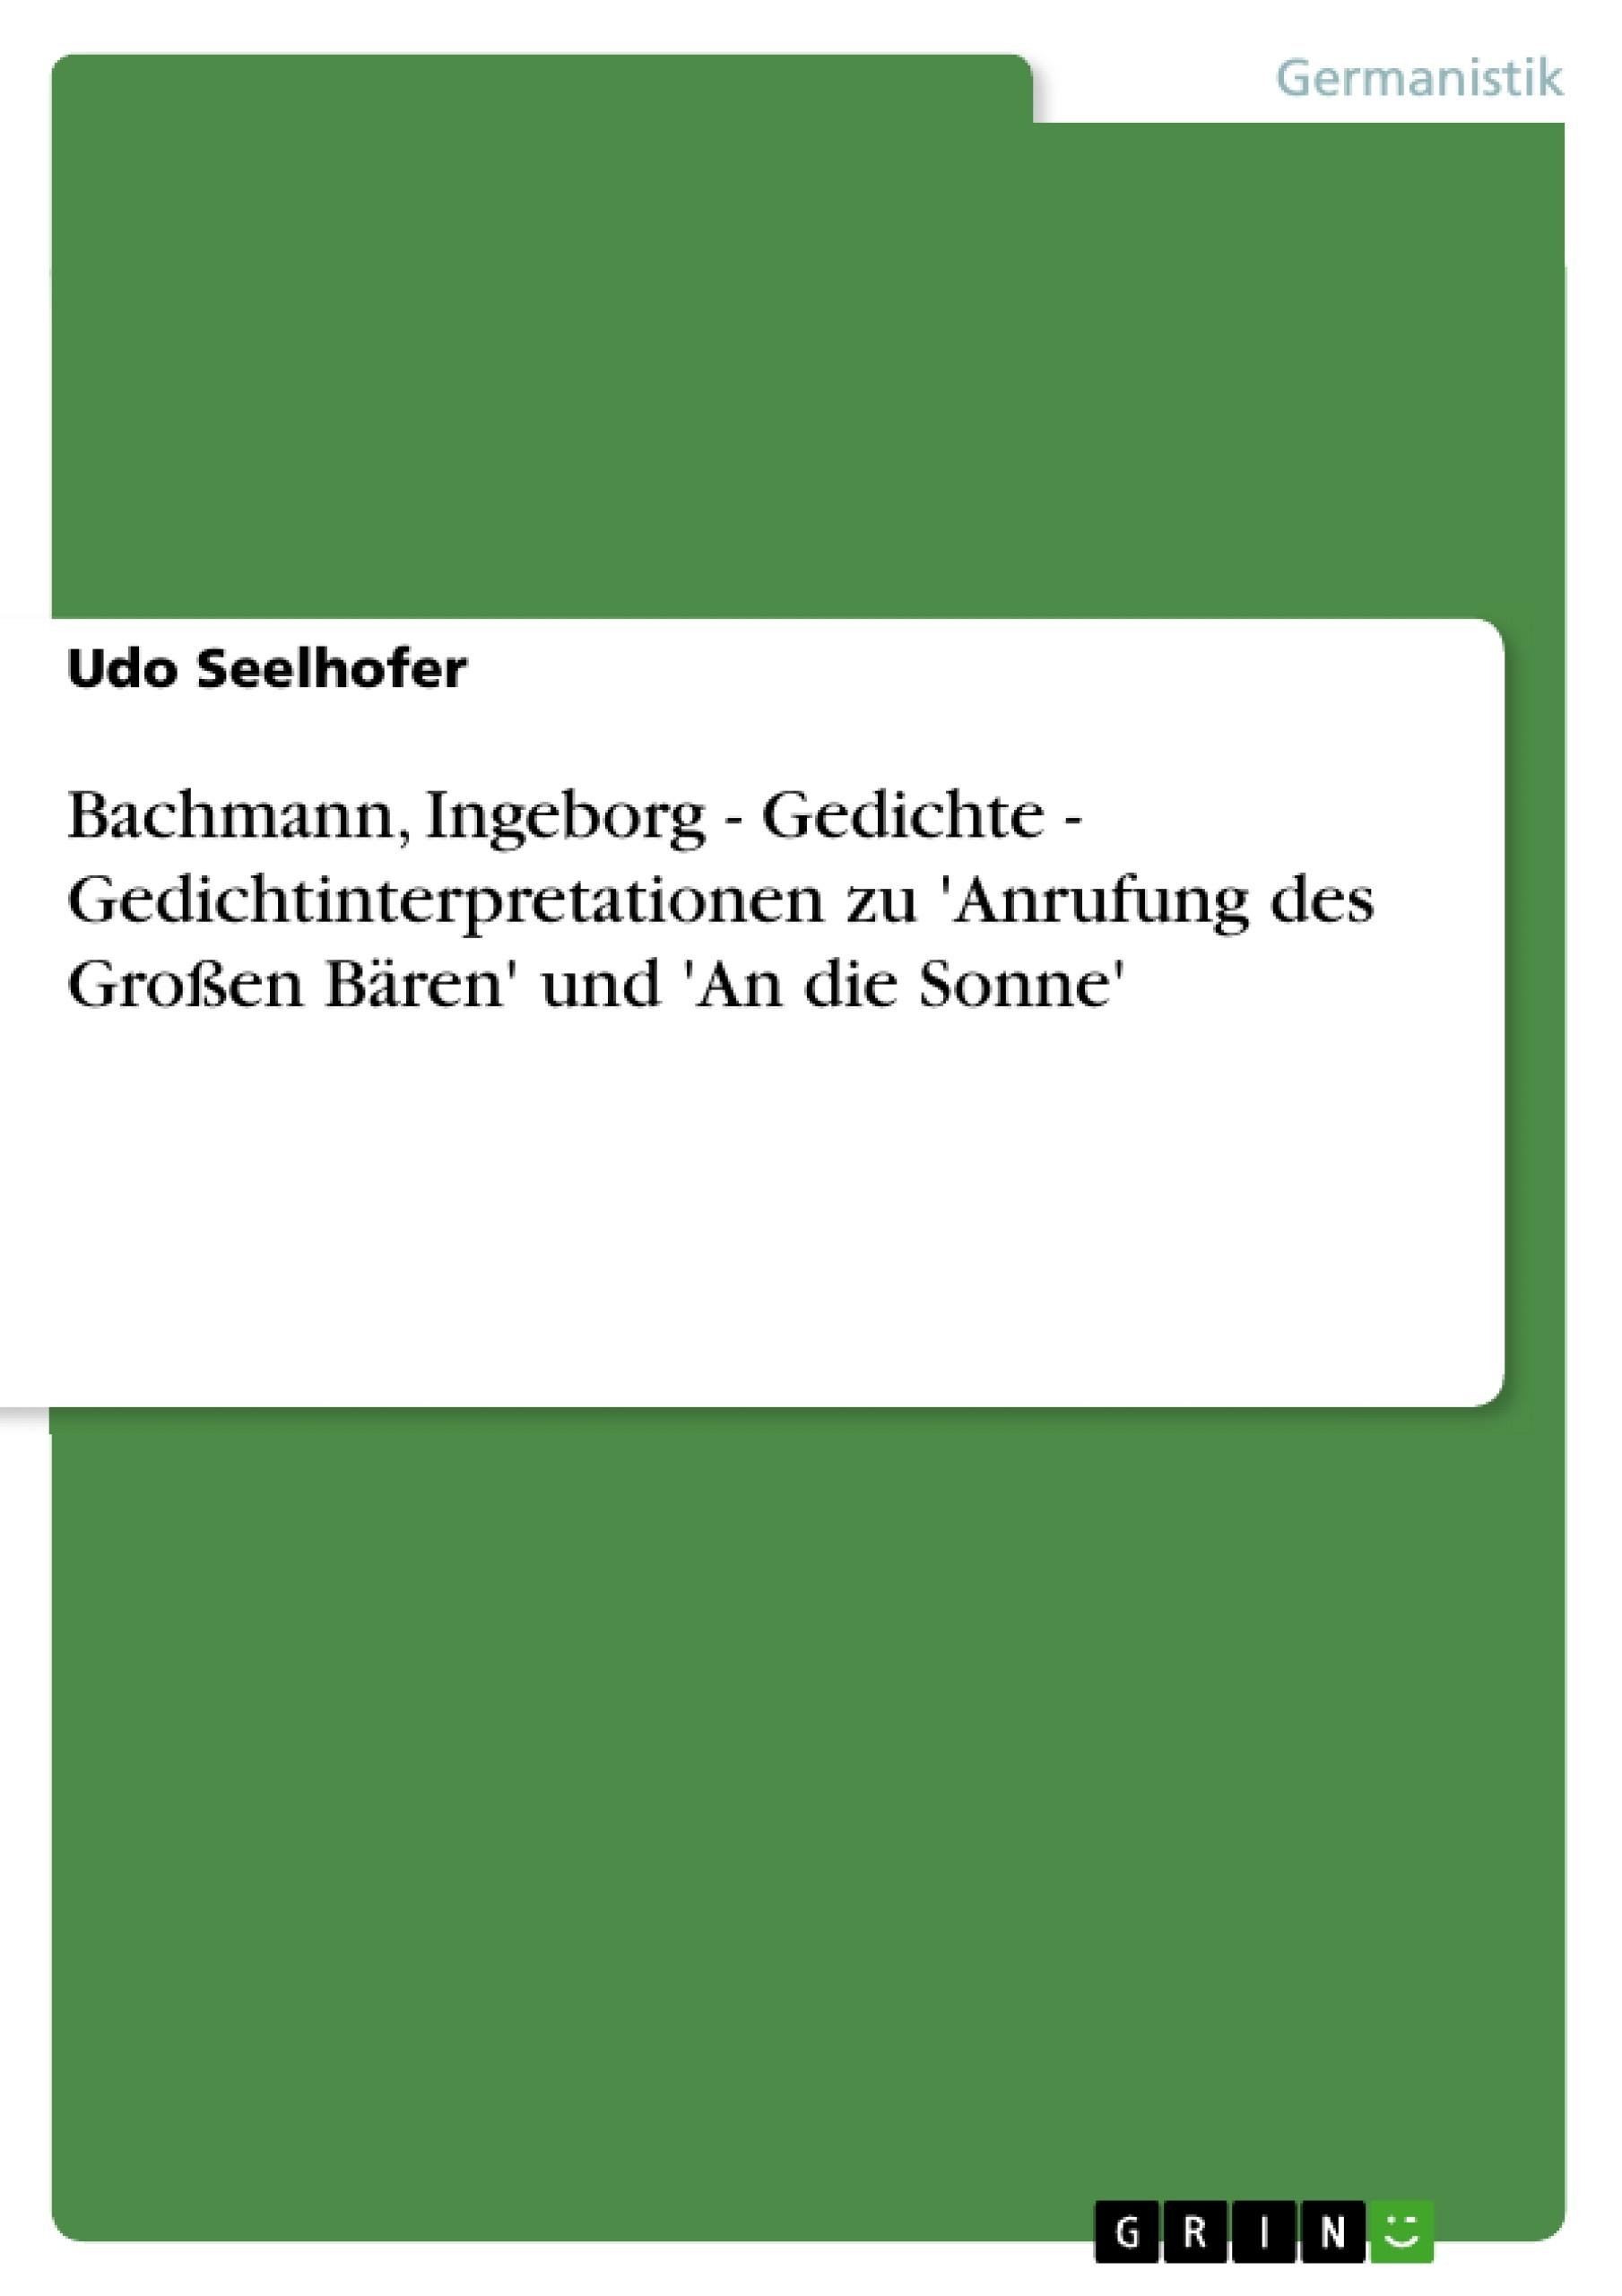 Titel: Bachmann, Ingeborg - Gedichte - Gedichtinterpretationen zu 'Anrufung des Großen Bären' und   'An die Sonne'